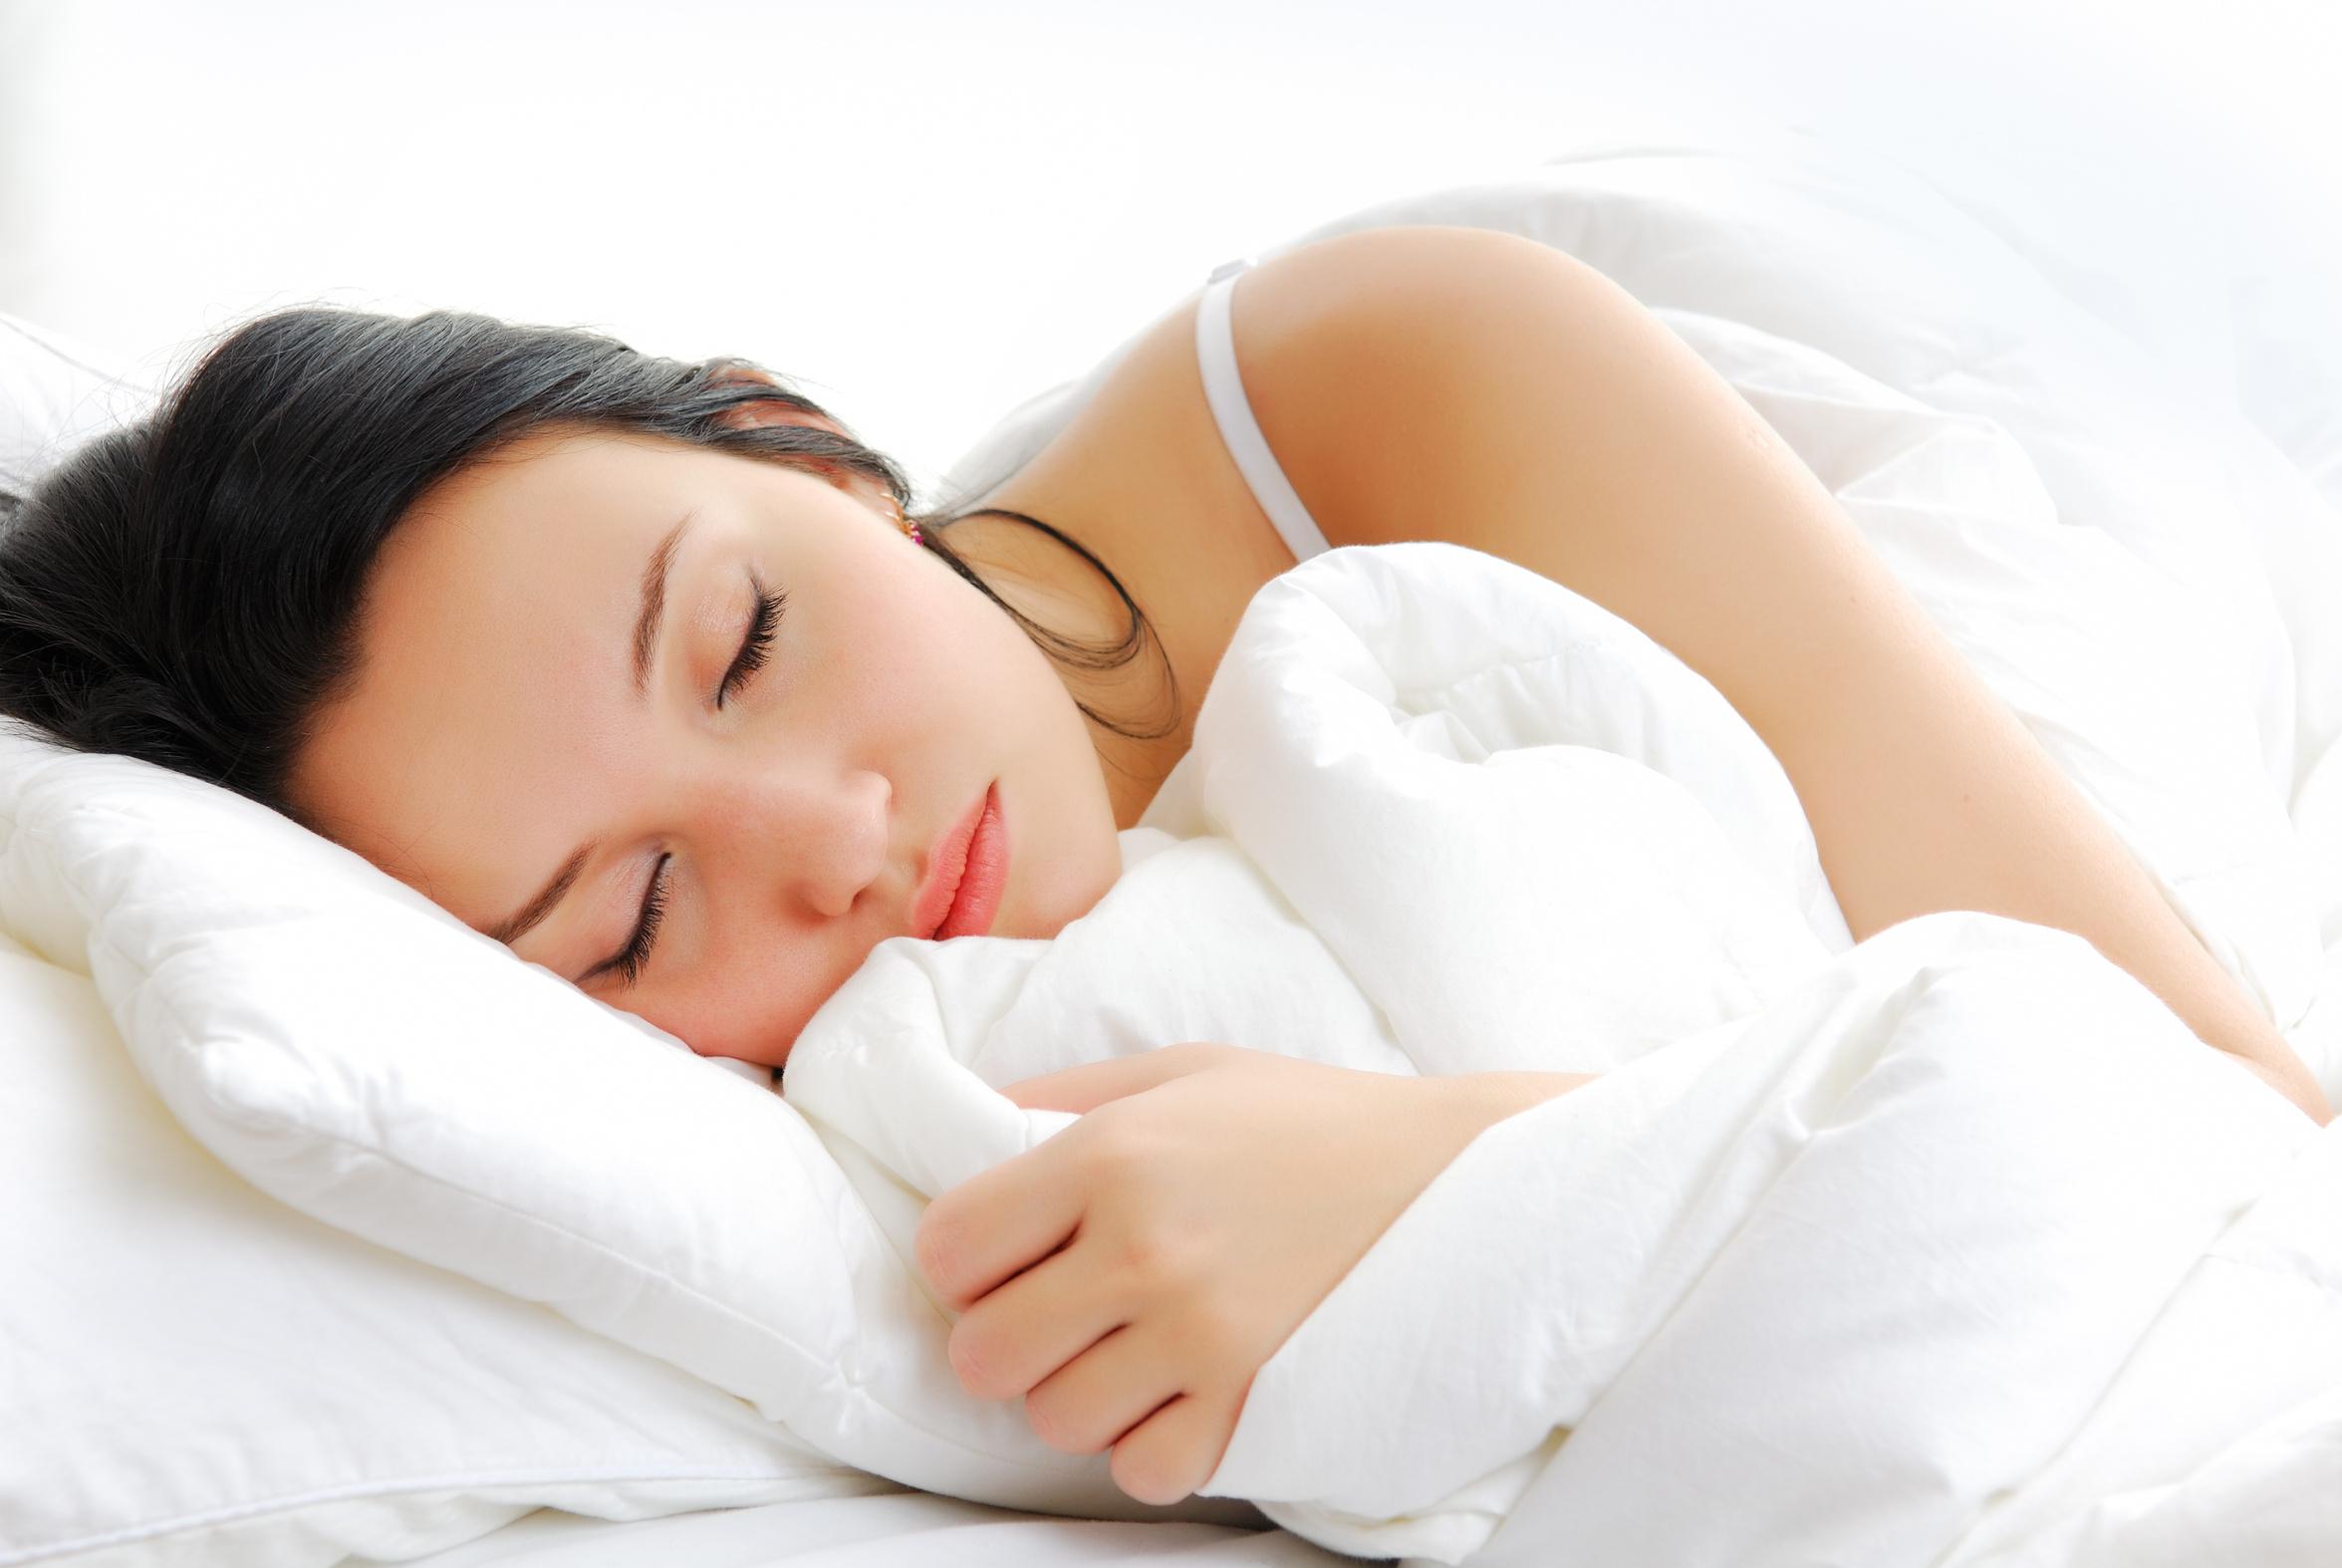 Вы проживете дольше, если начнете делать ЭТО перед сном